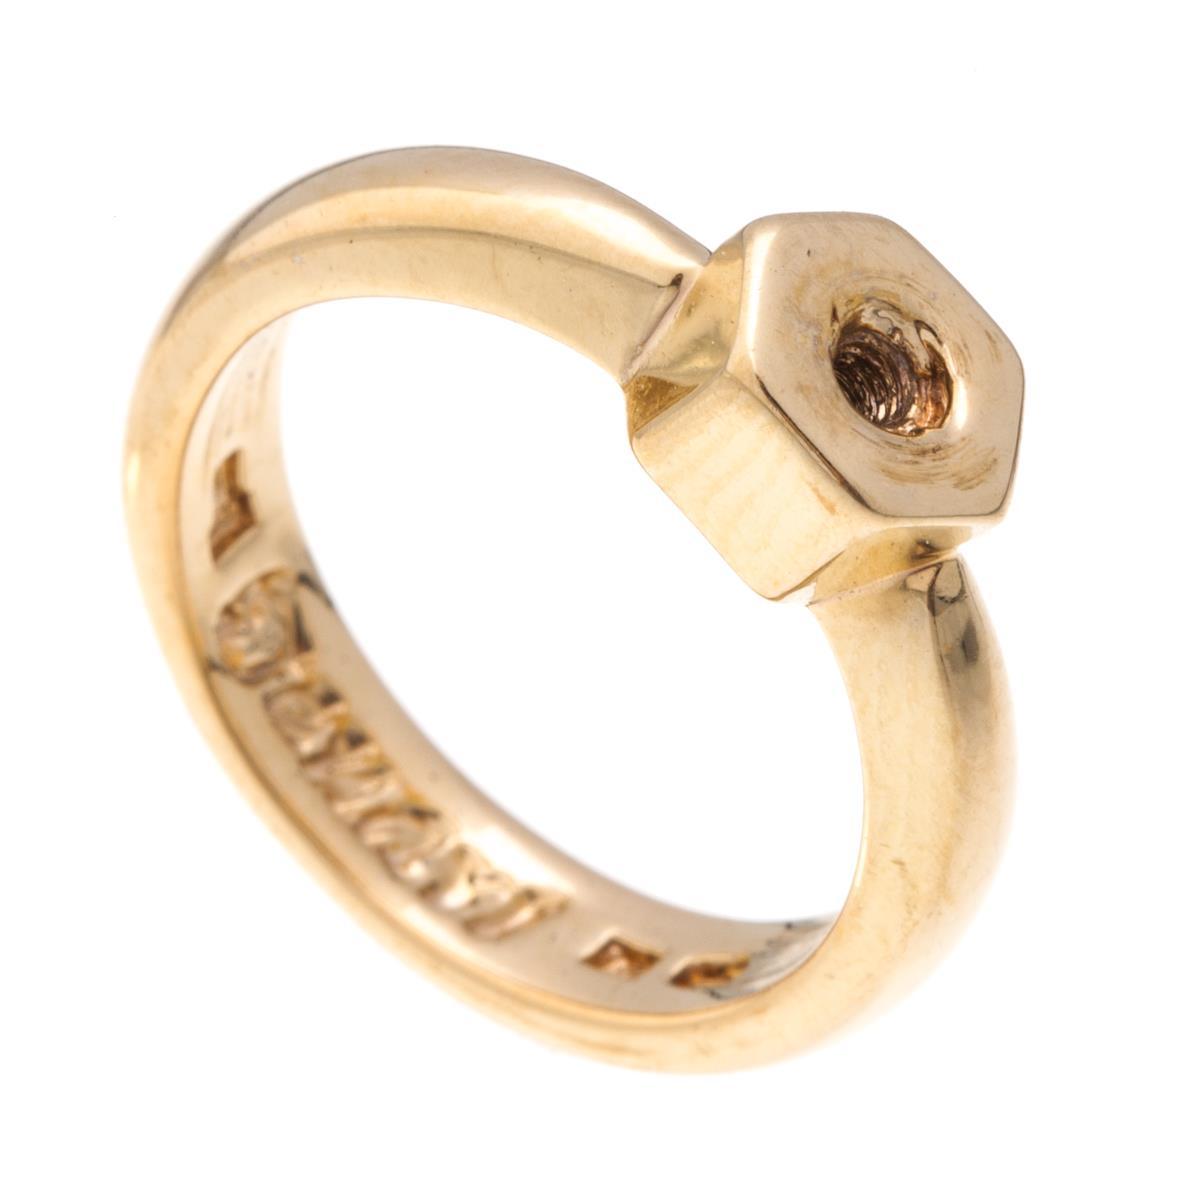 Кольцо-основа для накладки Jenavi Вис, цвет: золотой. k195p090. Размер 18k195p090Практичное кольцо-основа для накладки Jenavi Вис выполнено из гипоаллергенного ювелирного сплава, оформлено позолотой. Кольцо-основа позволит экспериментировать и дополнять ваш образ каждый день. Оригинальное кольцо-основа, благодаря возможности менять накладки, придаст вашему образу изюминку и подчеркнет индивидуальность.